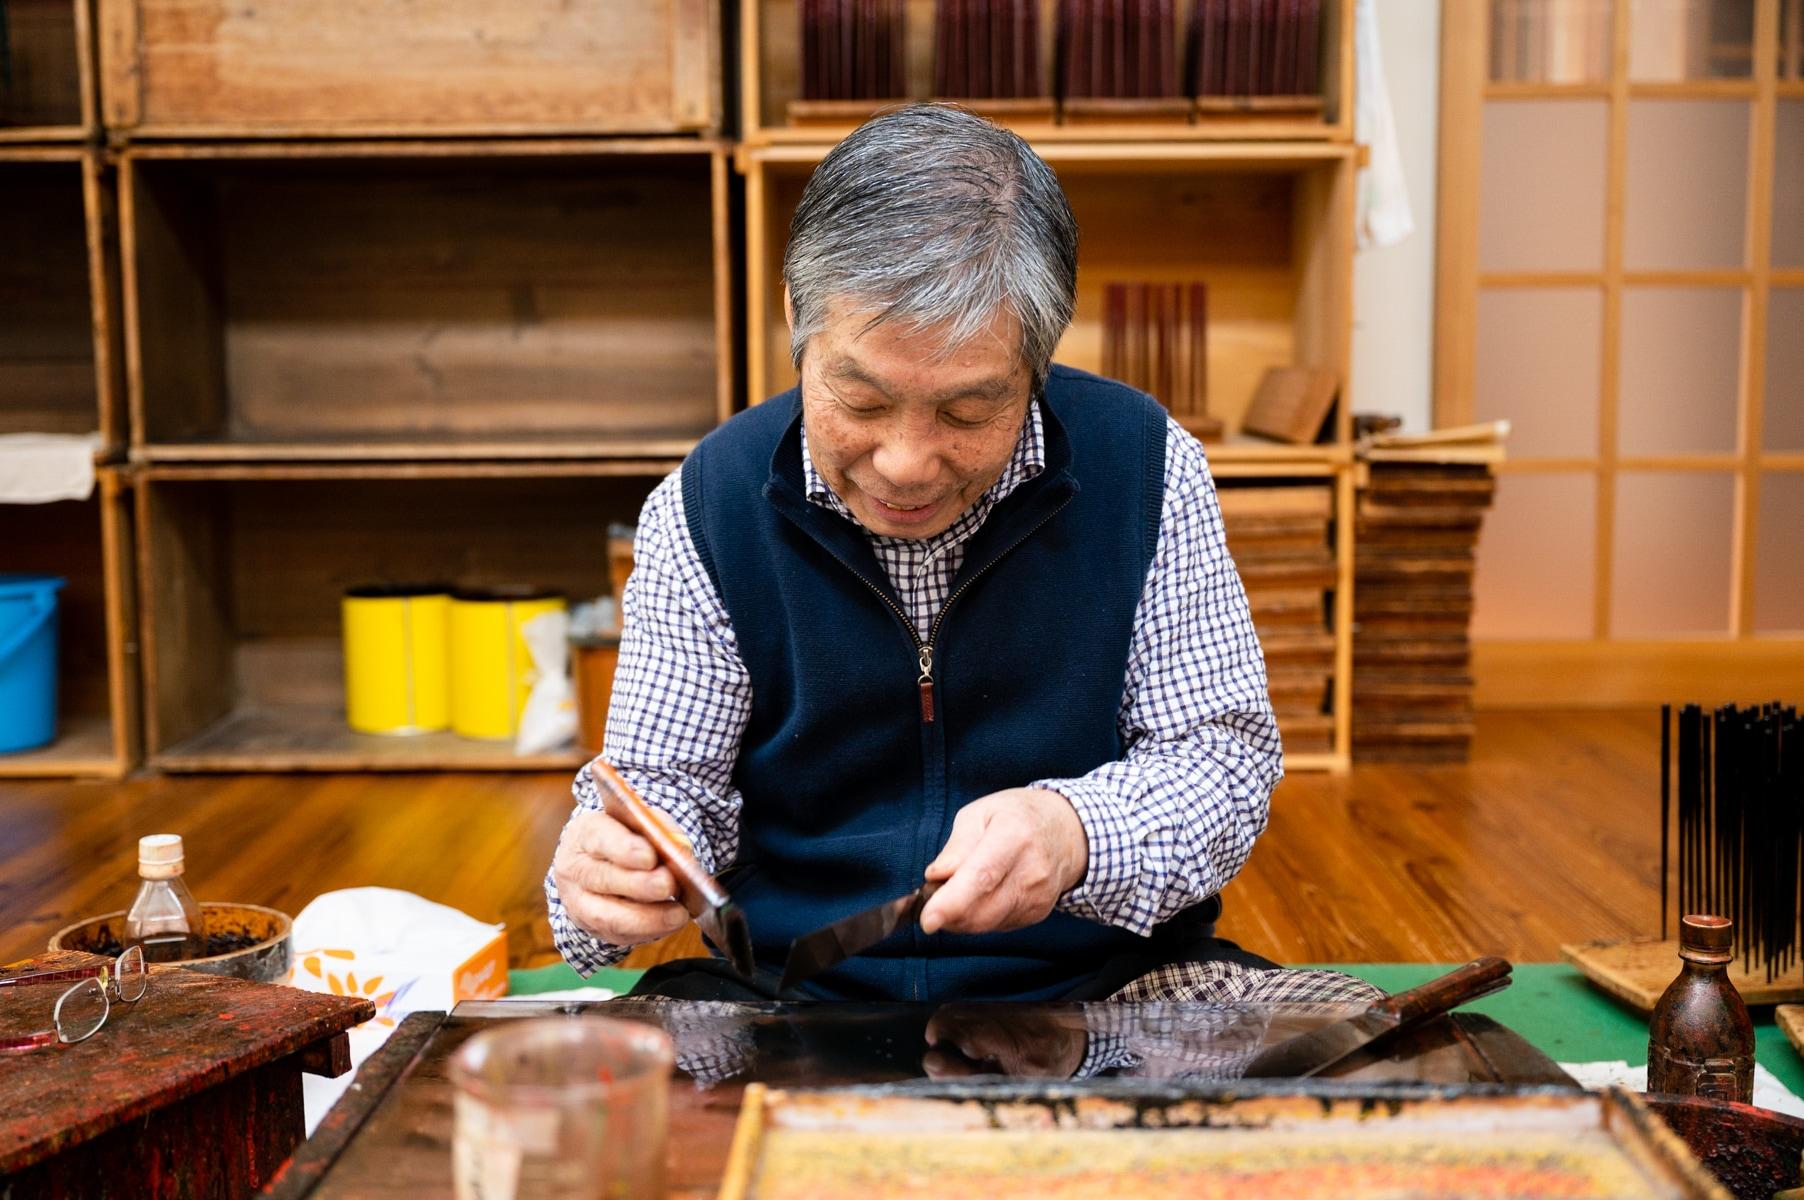 伝統工芸士 古井正弘 若狭塗箸 若狭塗 夫婦箸 箸ギフト 伝統的工芸品